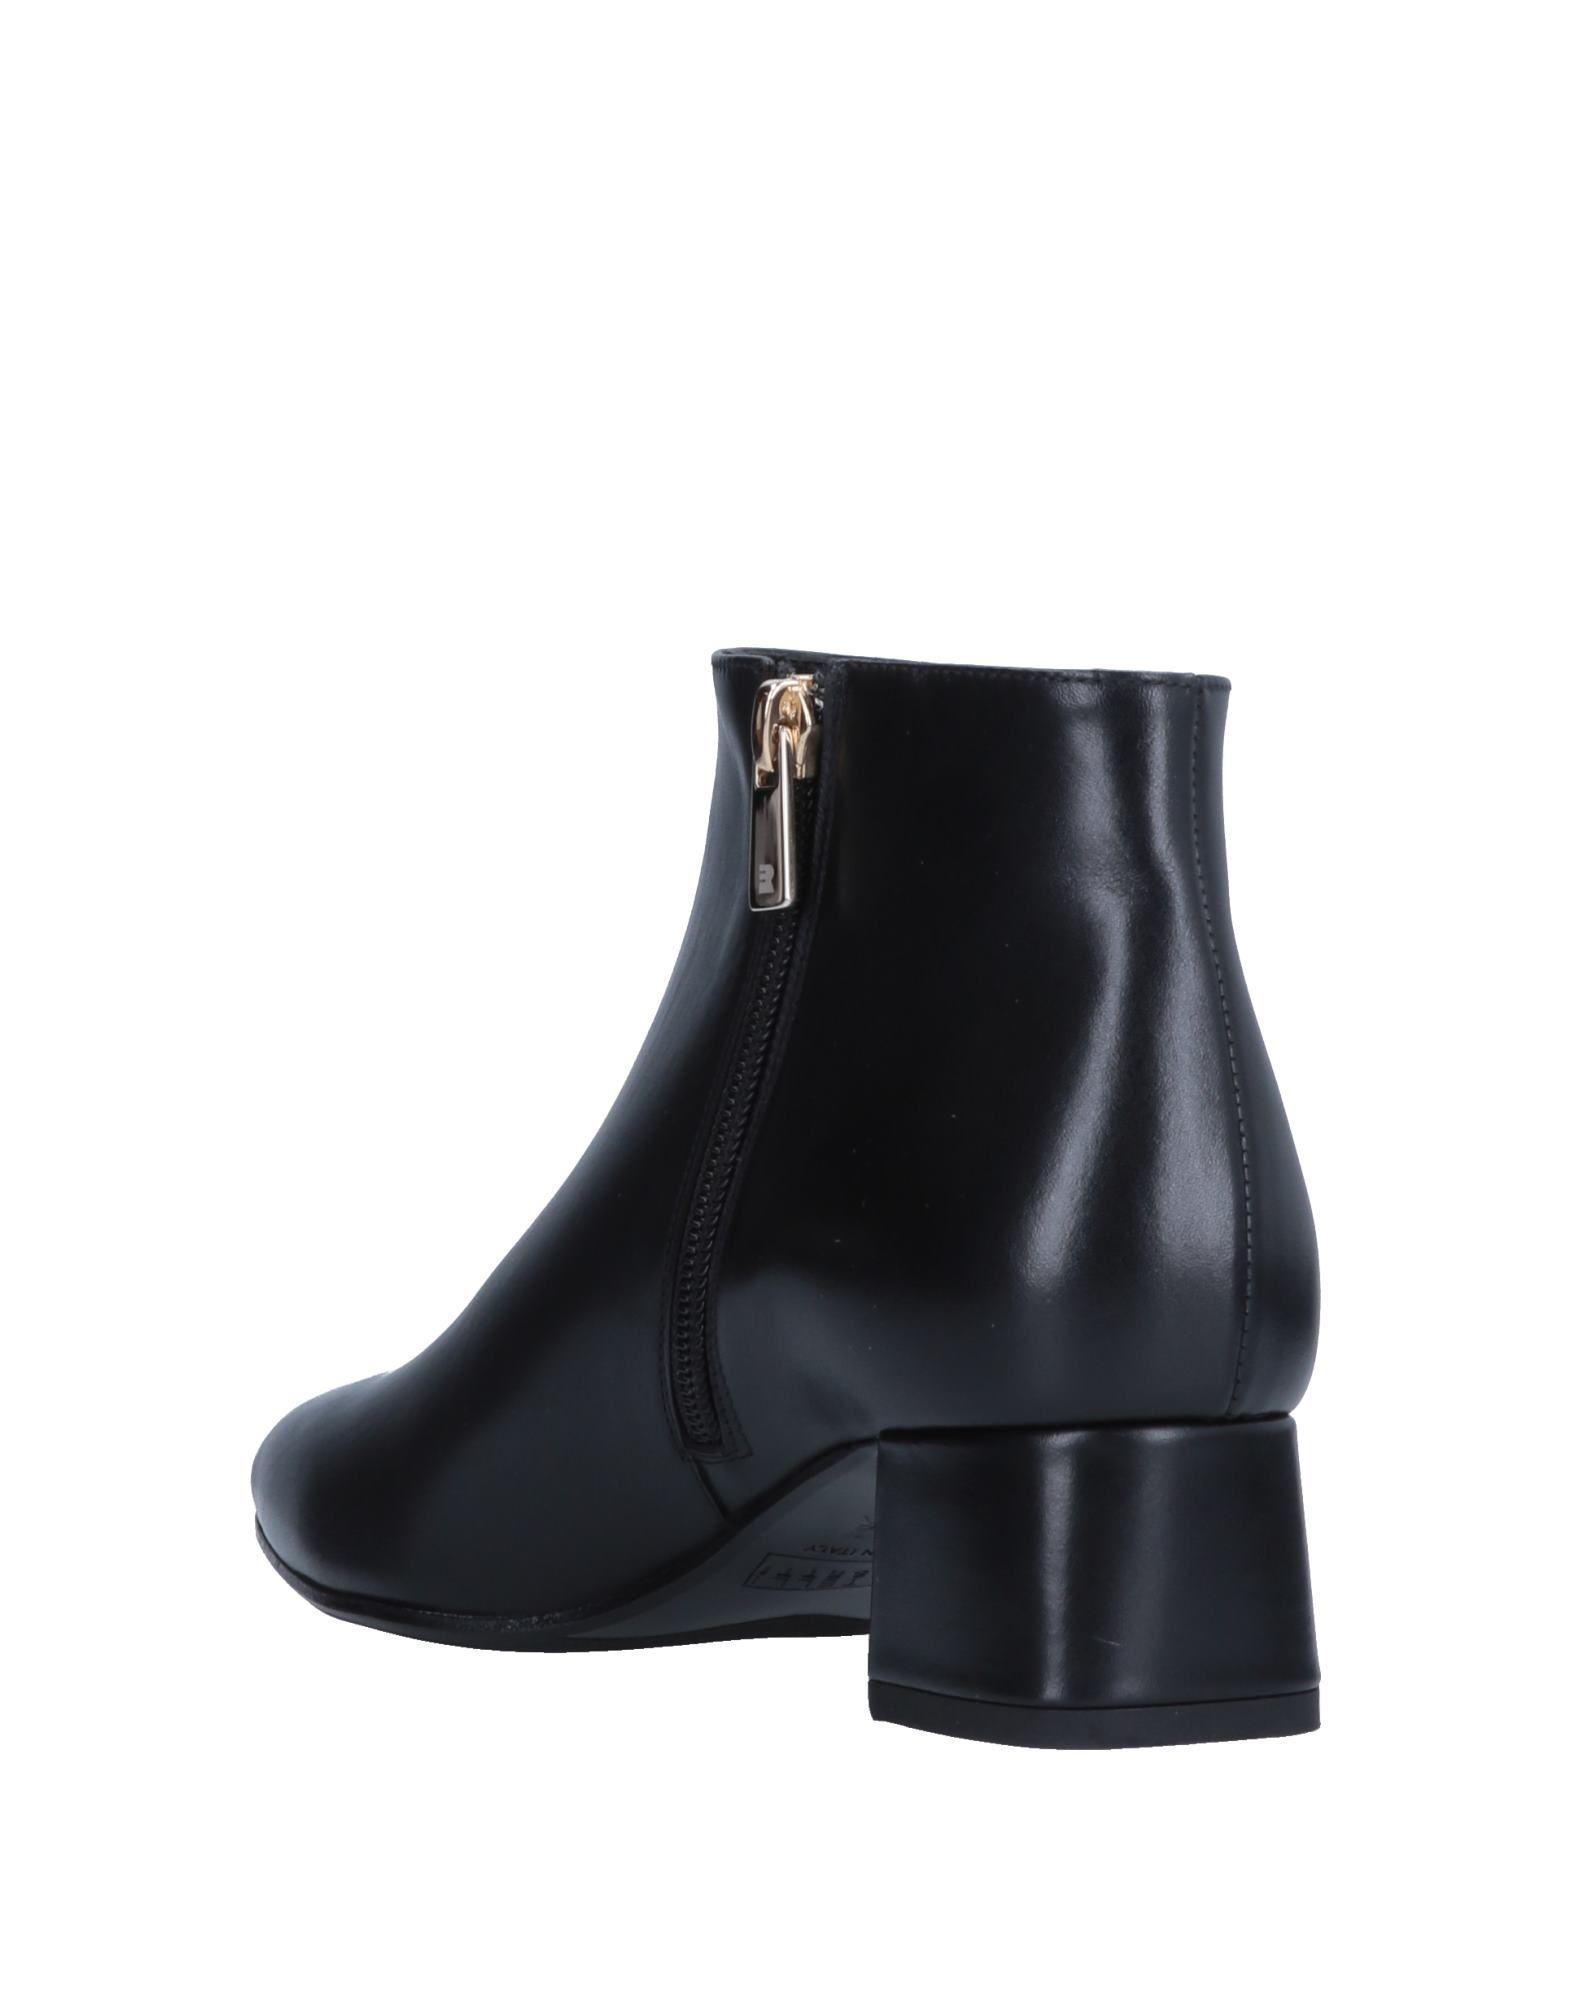 FOOTWEAR Fratelli Rossetti Black Woman Leather